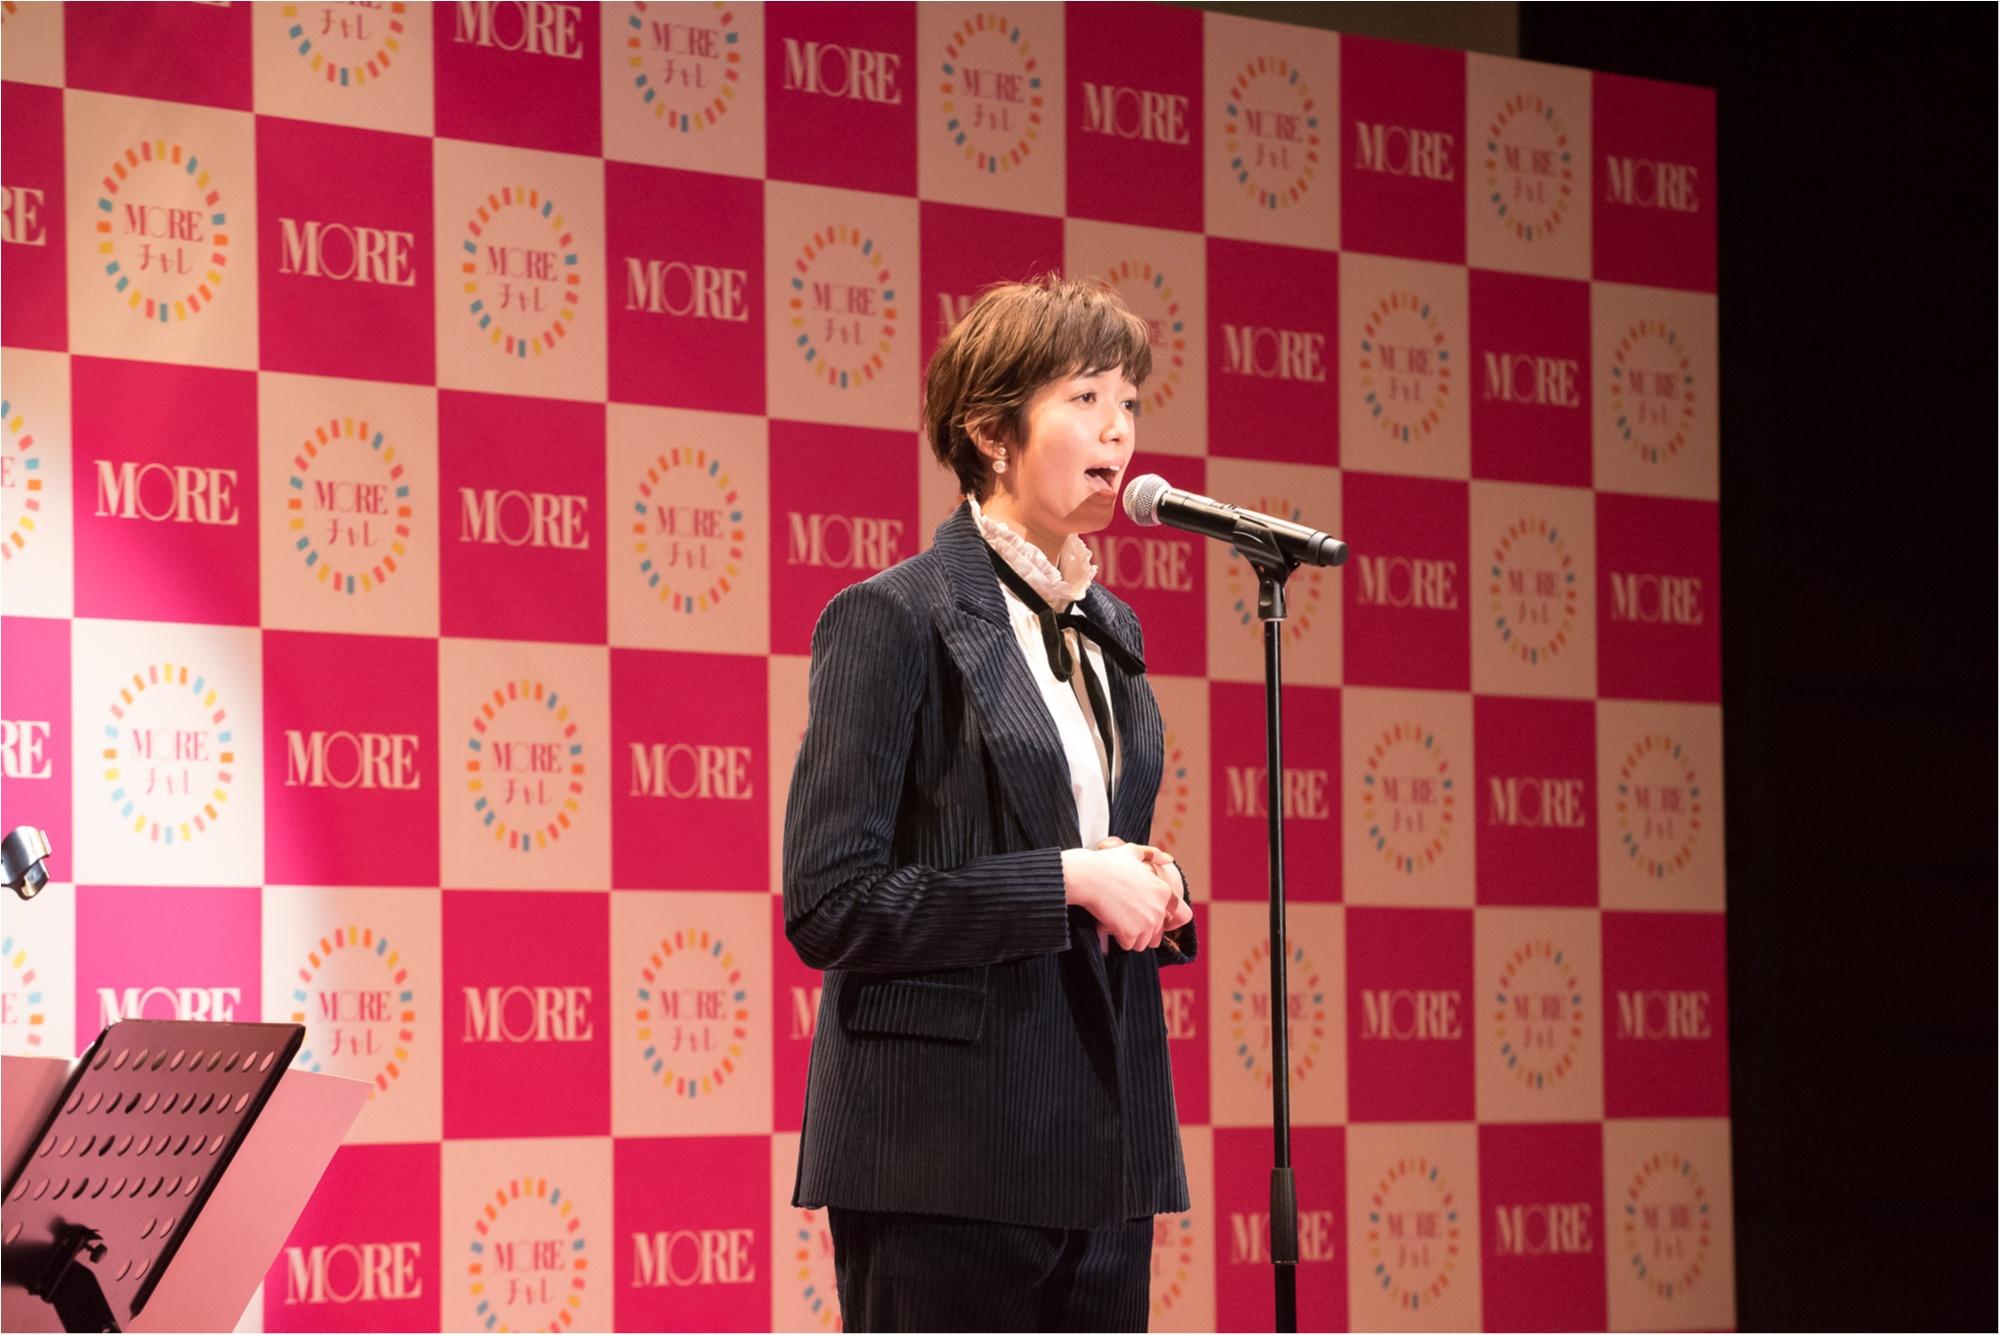 「モアチャレ」ついに完結☆ MORE40周年記念『モアチャレ』報告会イベントで、感動の涙と輝く笑顔に会えました!!!_5